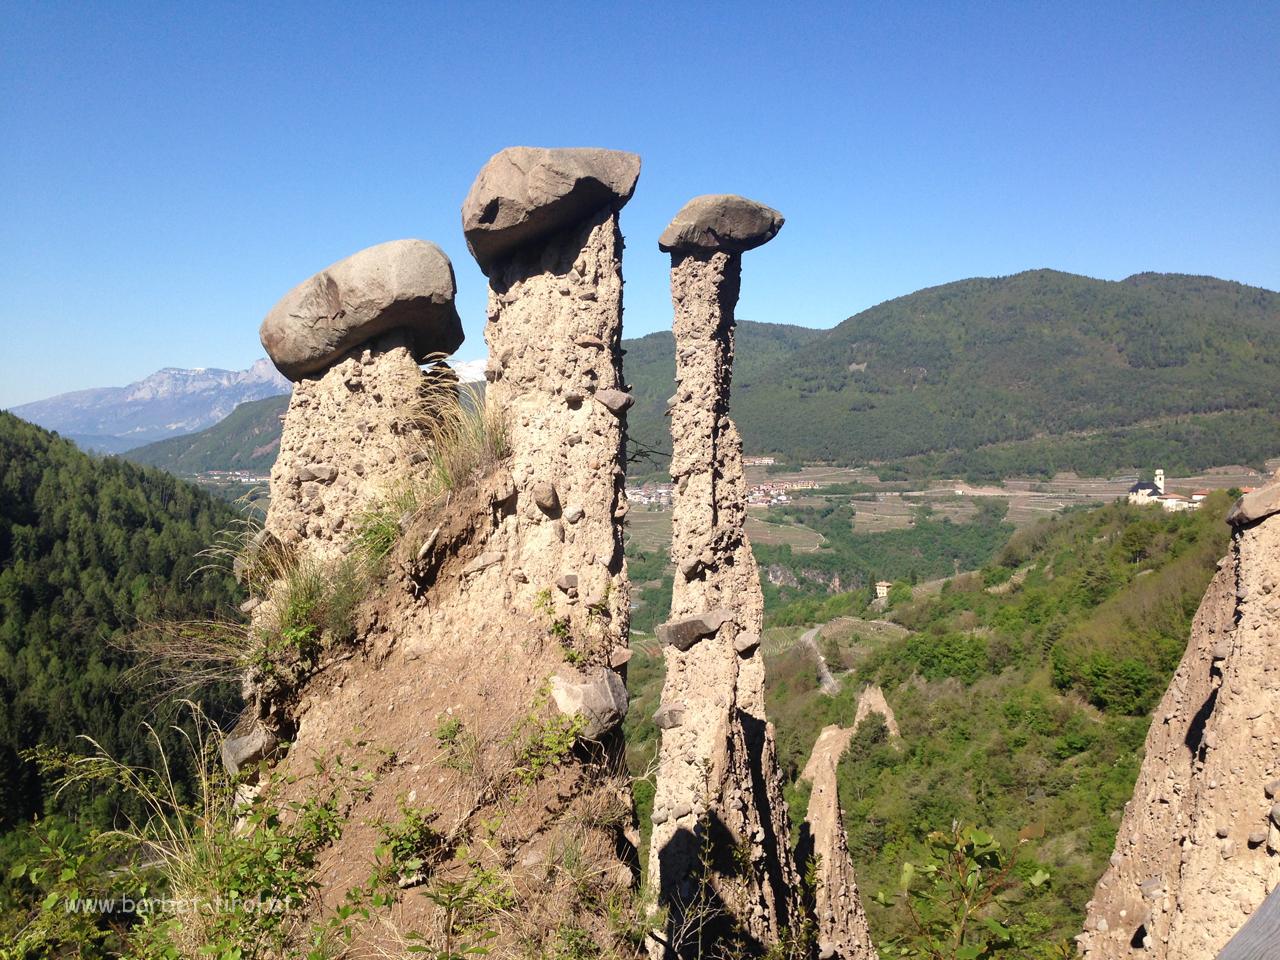 Hohe von einer Porphyrmasse überzogene Säulen.